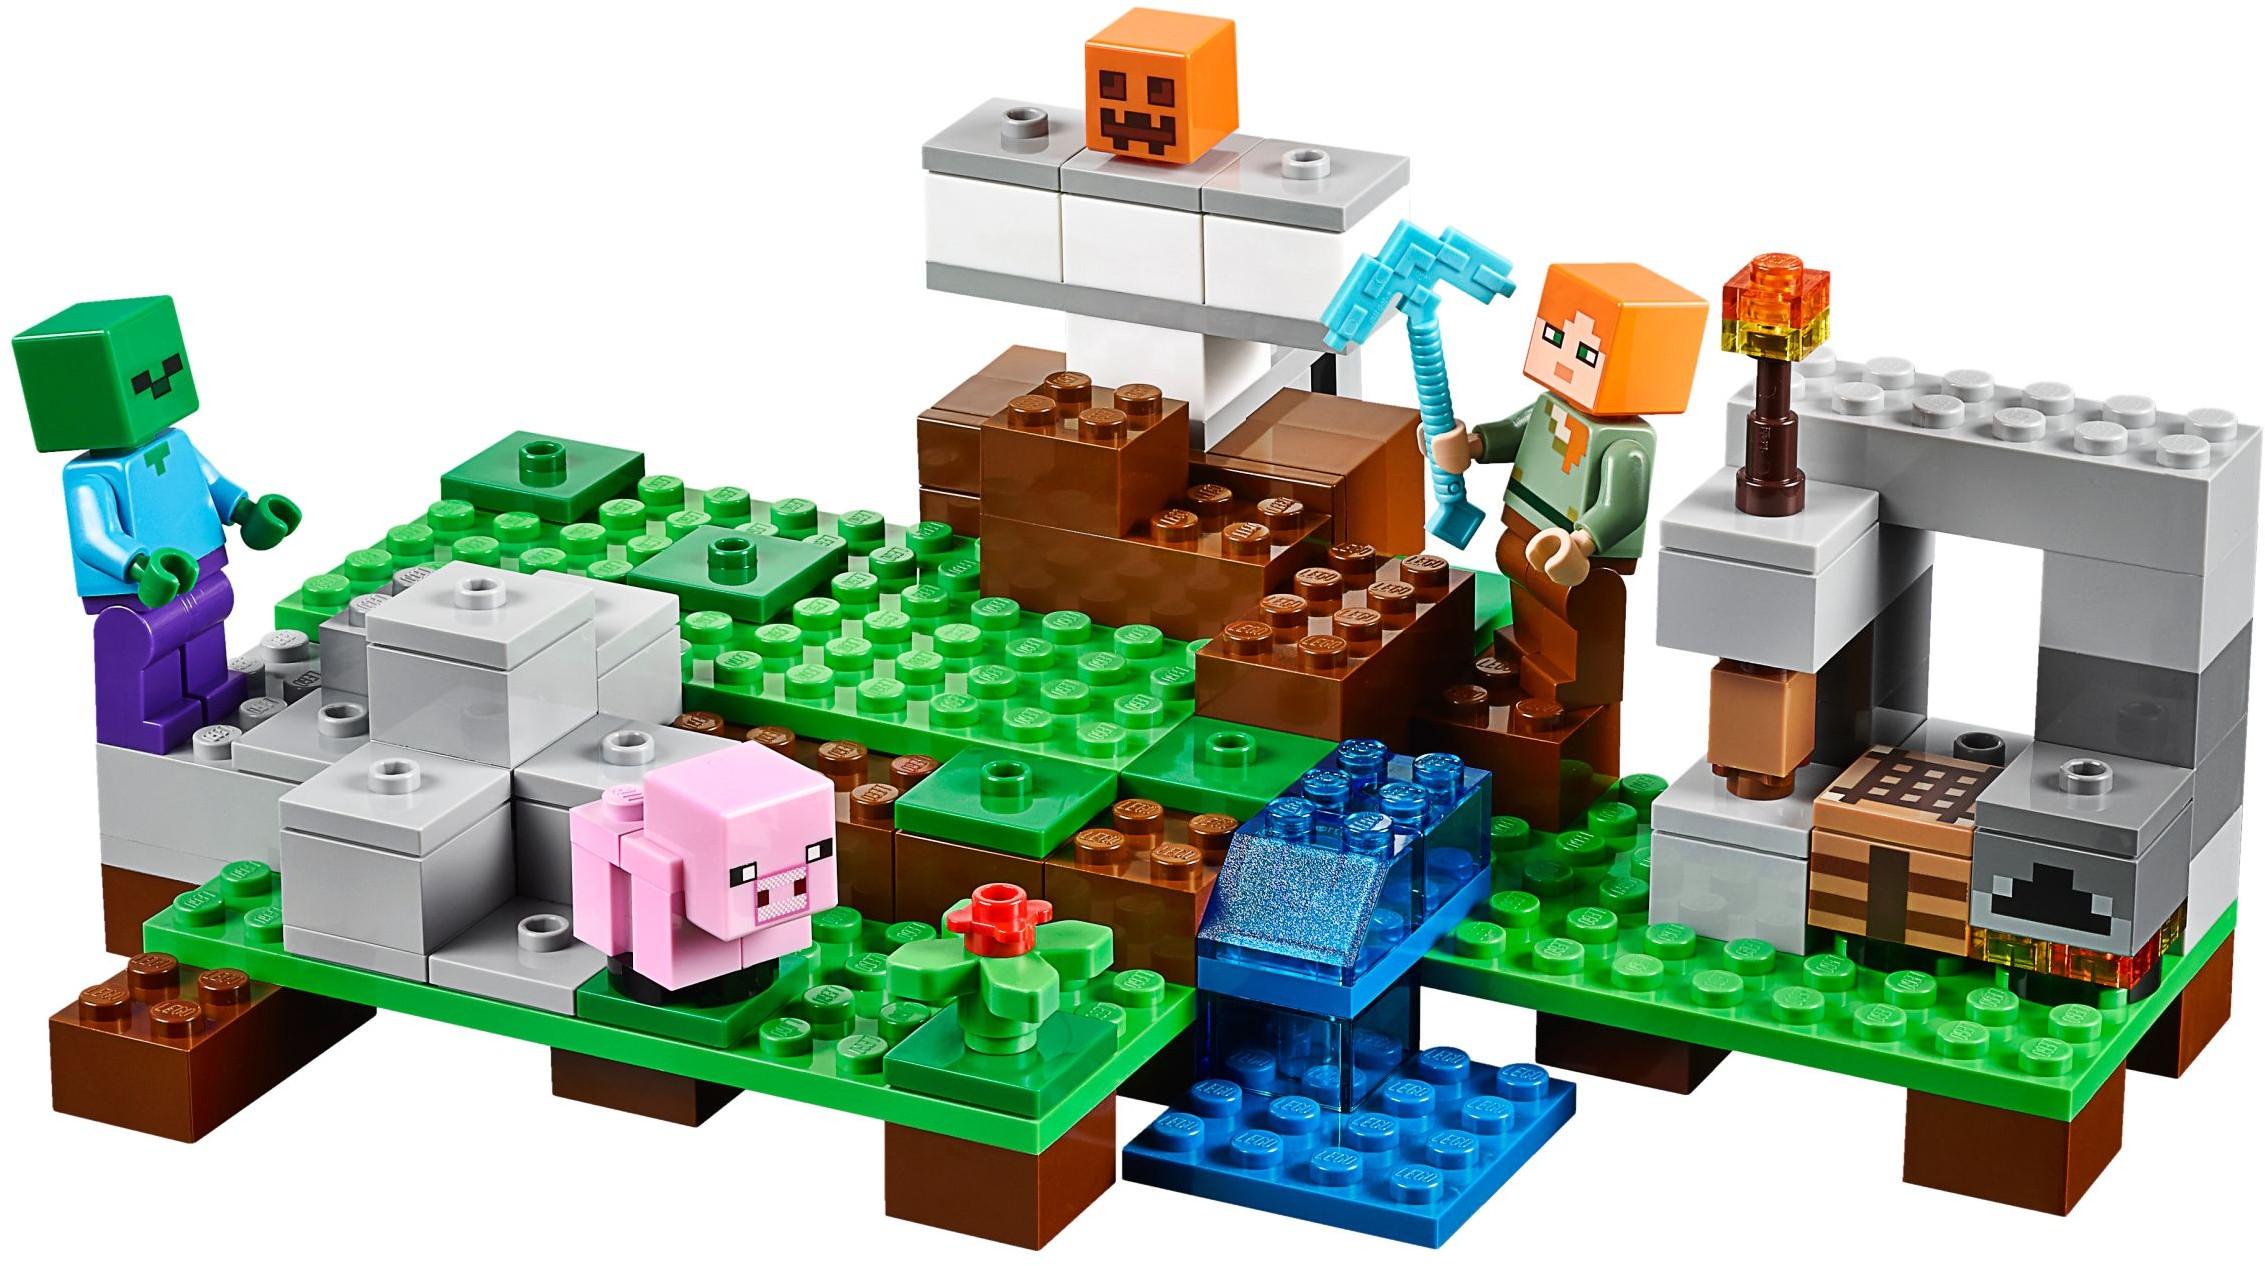 Minecraft 2016 Brickset Lego Set Guide And Database